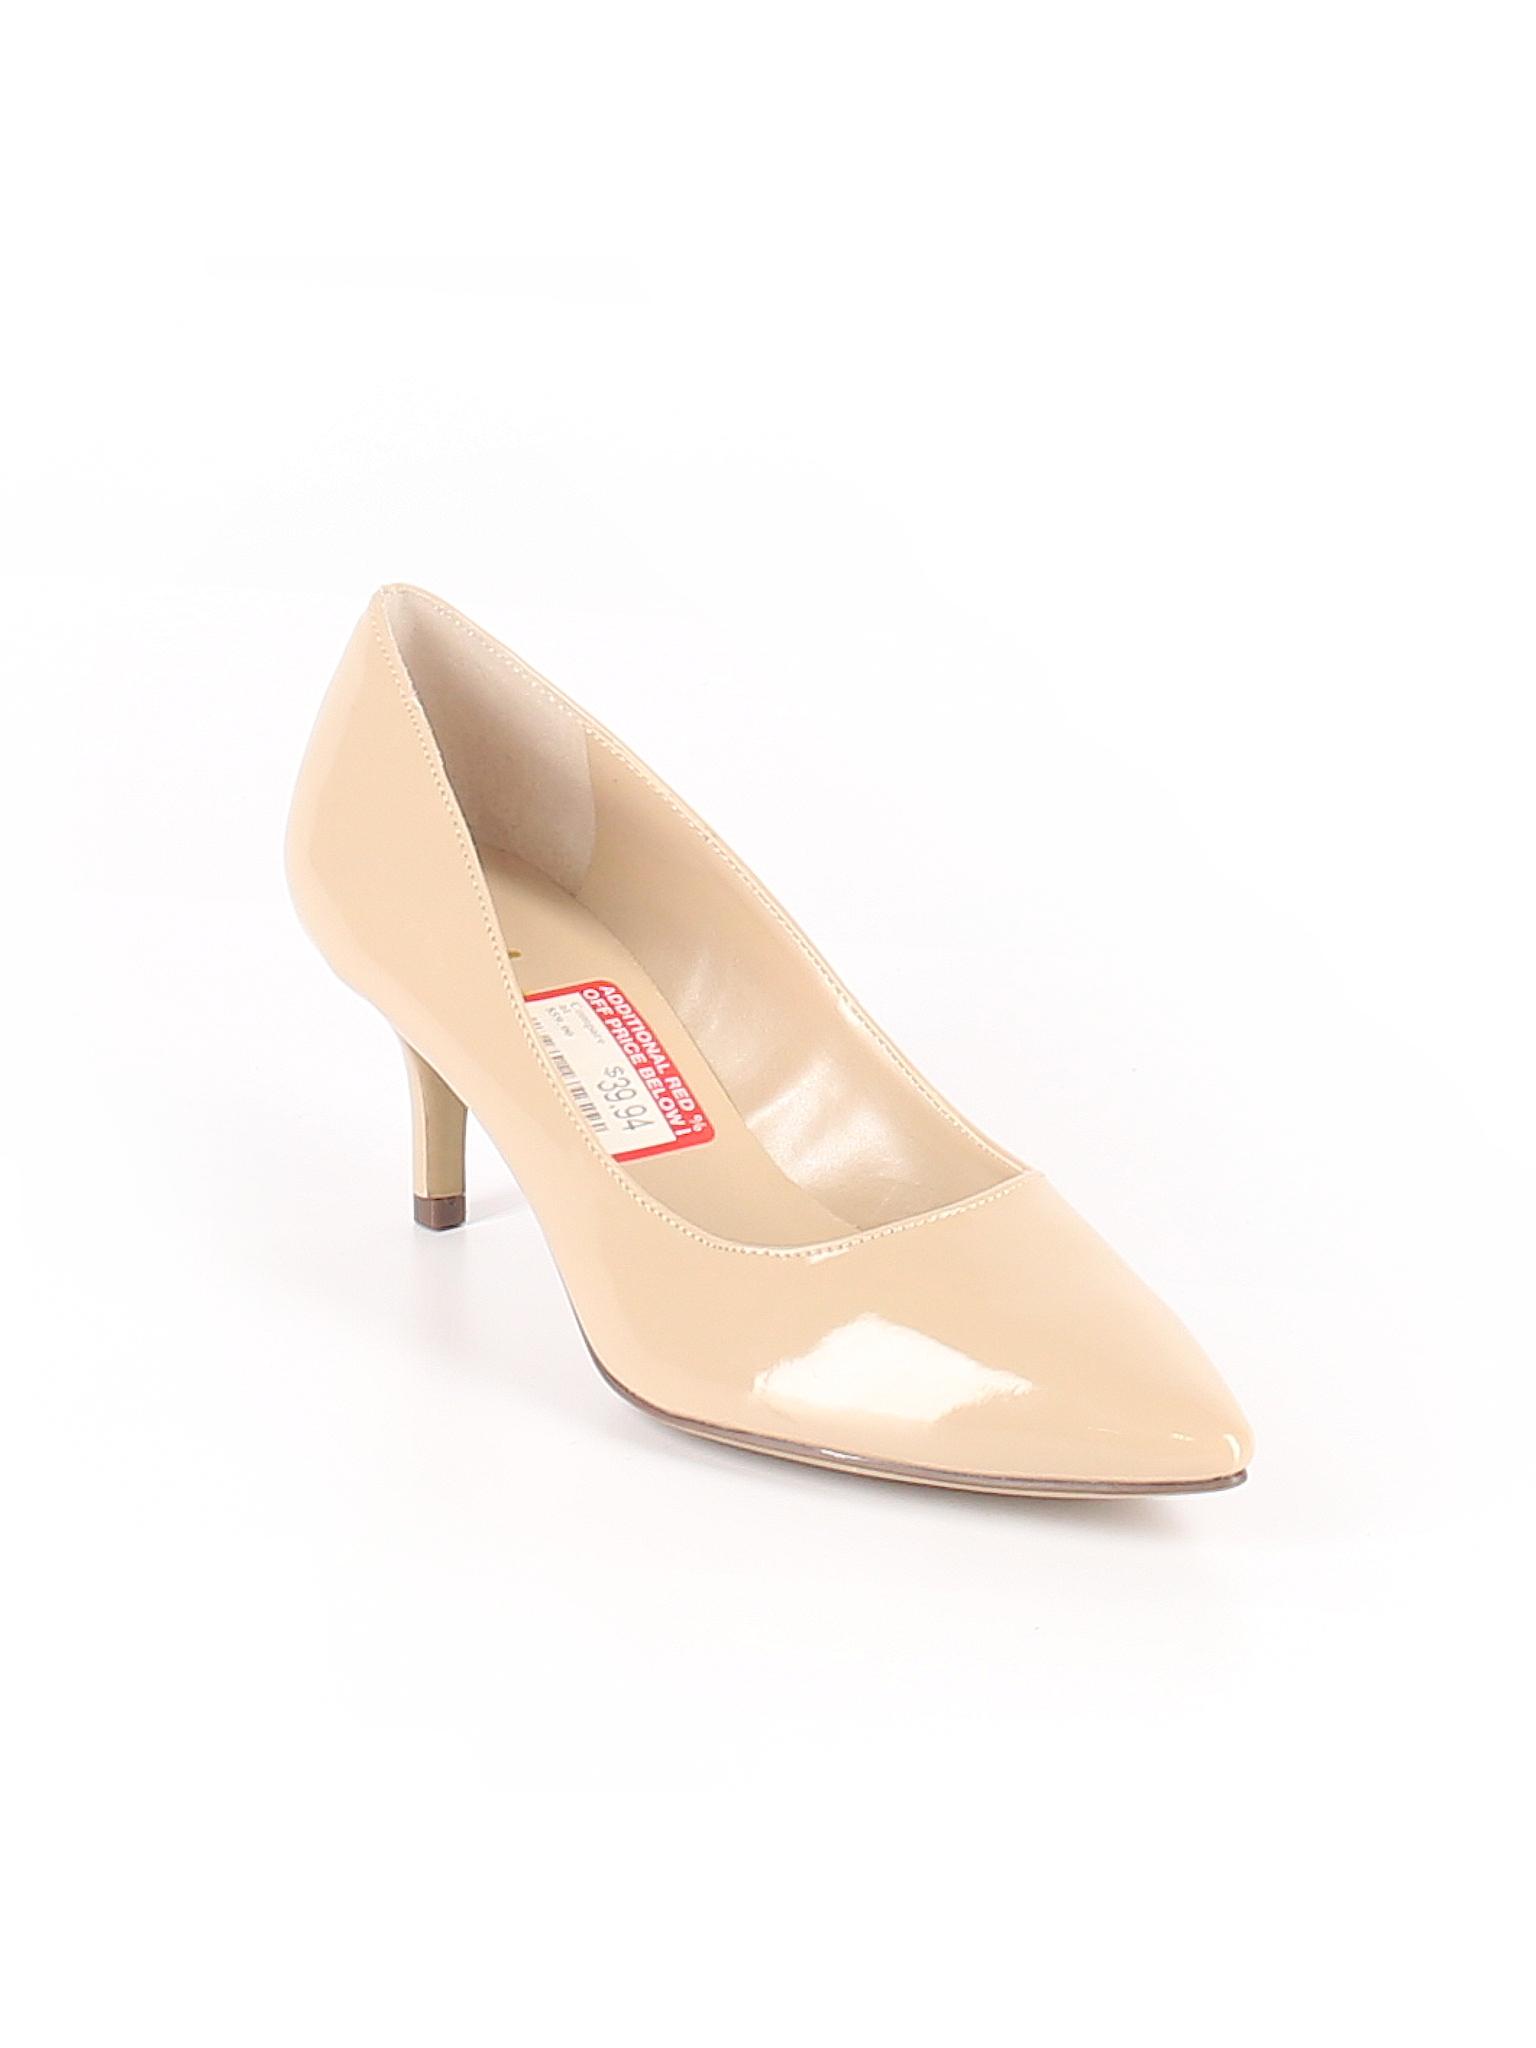 Unisa Boutique Unisa Boutique promotion Boutique Unisa Heels promotion Heels promotion ORwn6Rgq